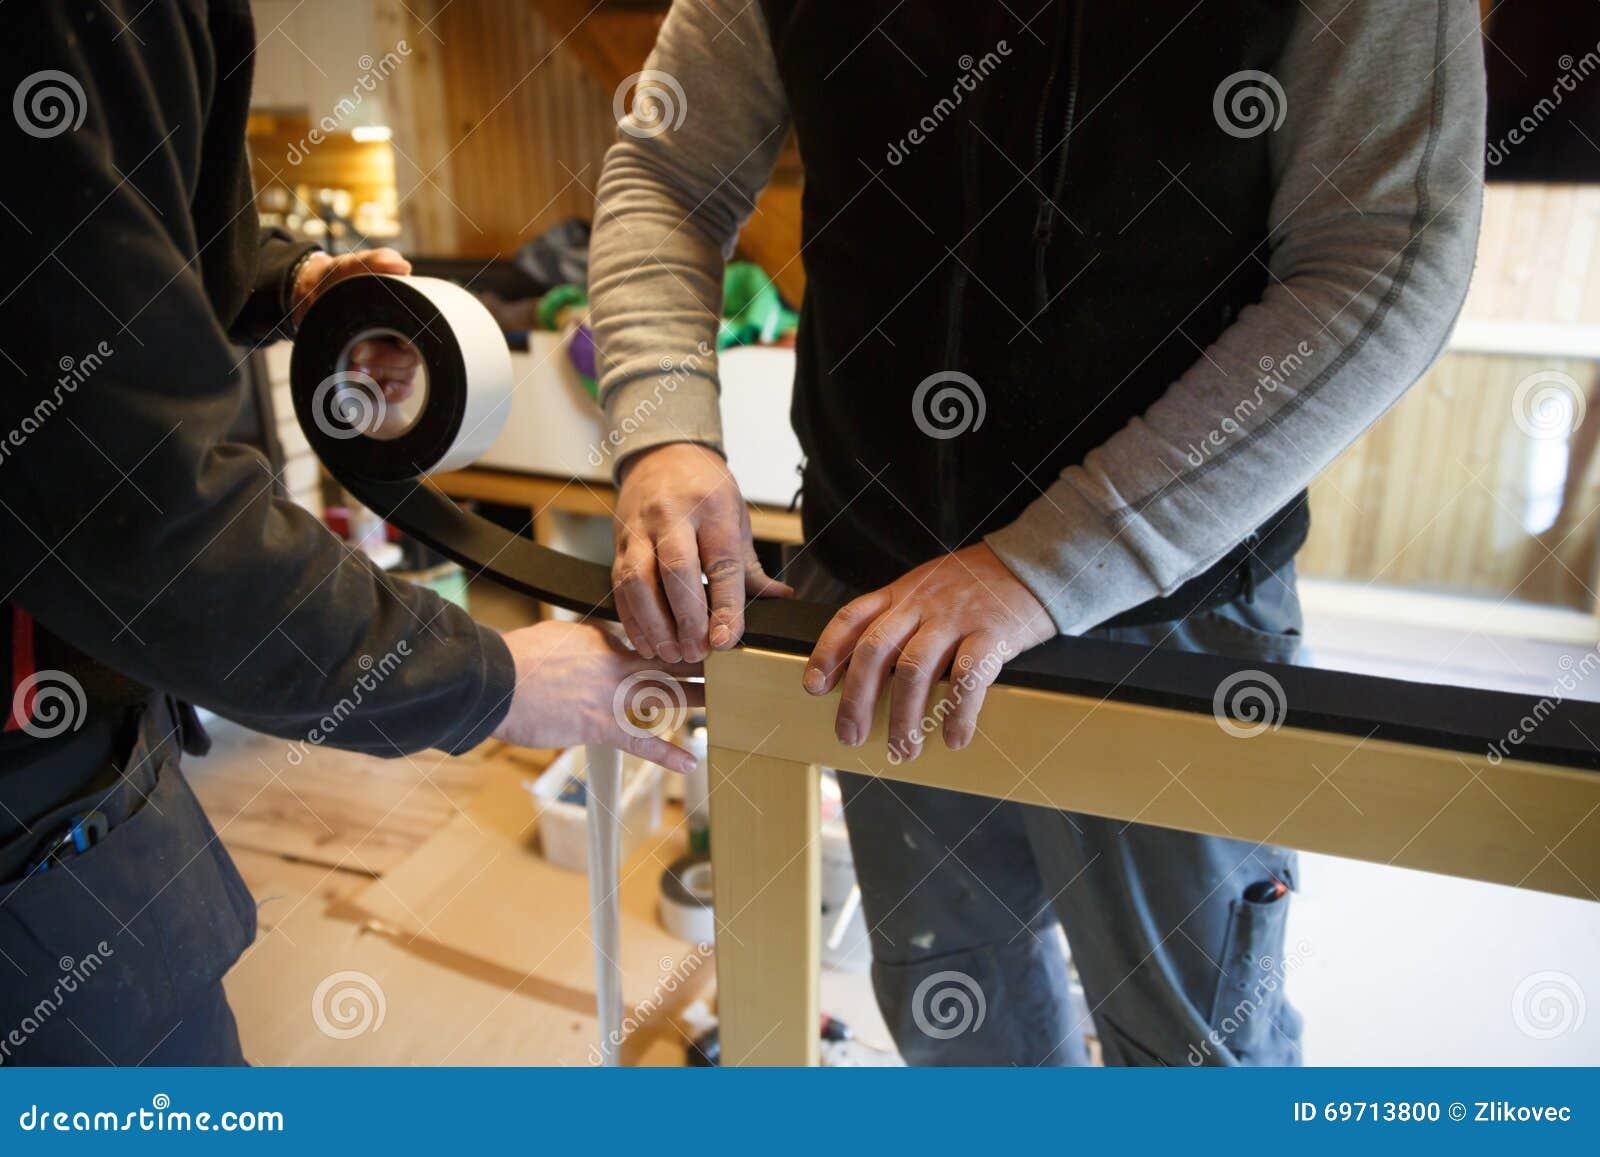 Lavoratori che preparano installare le nuove finestre di legno